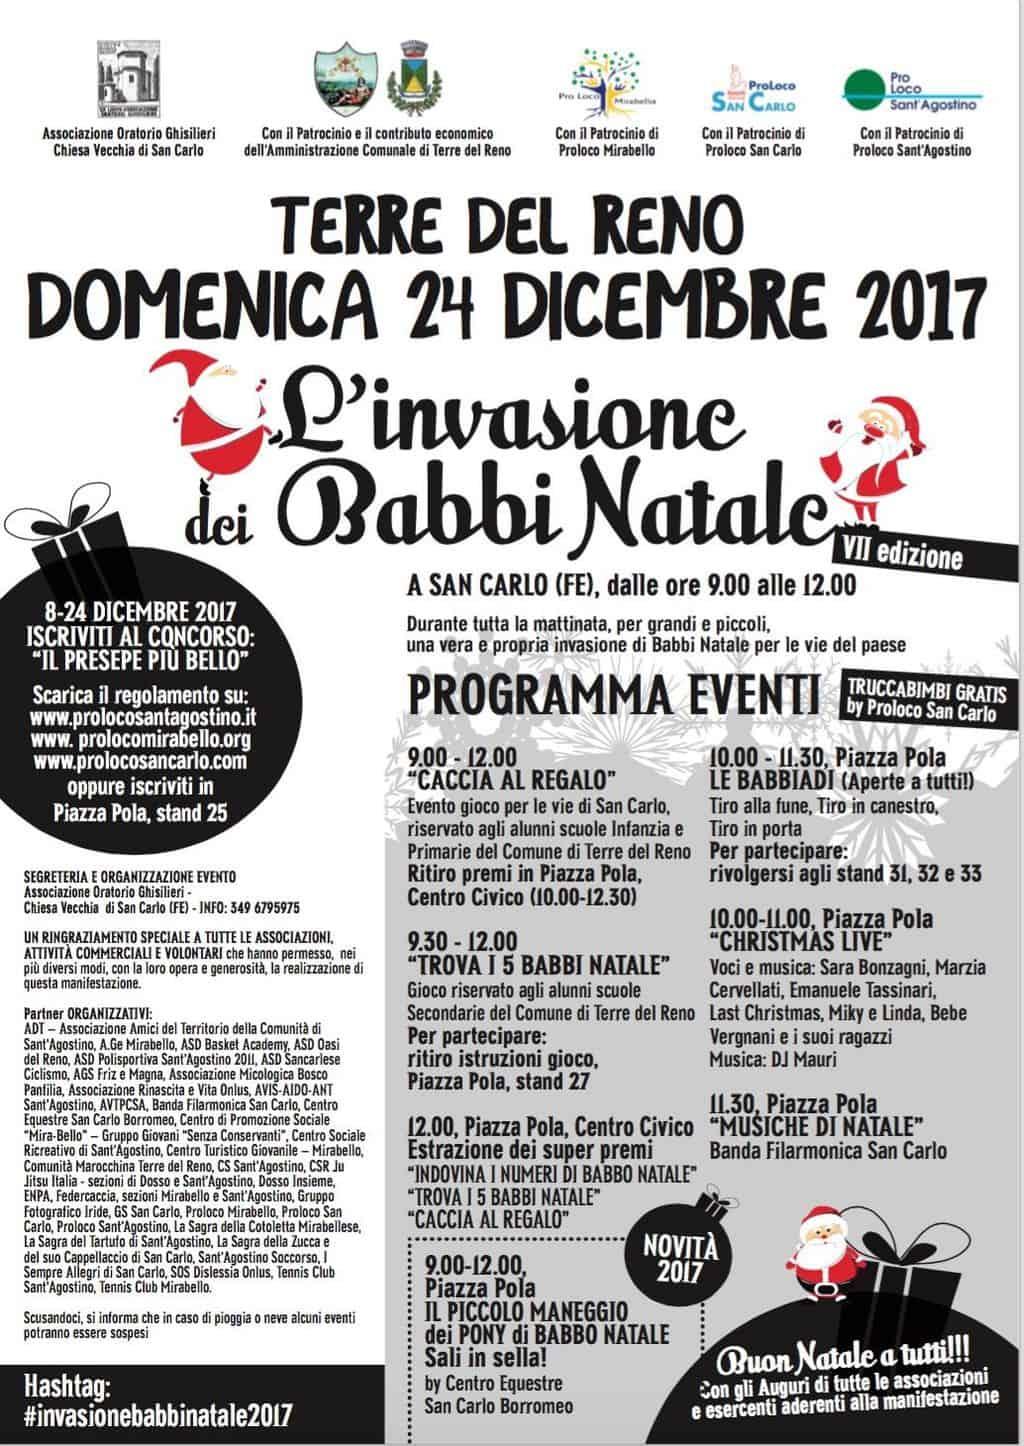 terre-del-reno-linvasione-dei-babbi-natale-24-dicembre-2017